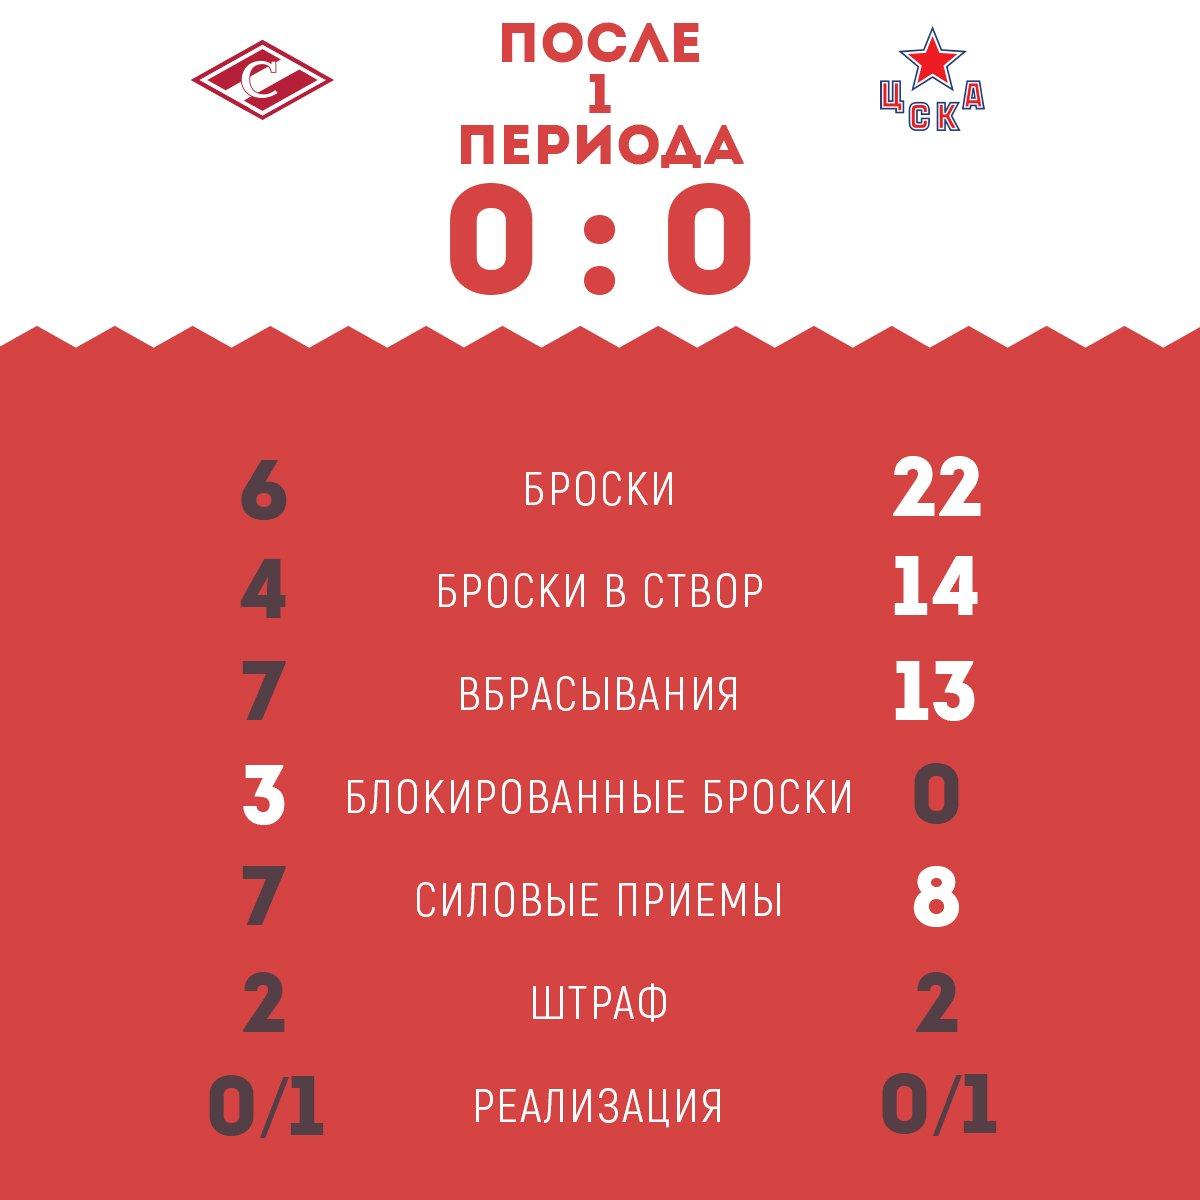 Статистика матча «Спартак» vs ЦСКА после 1-го периода